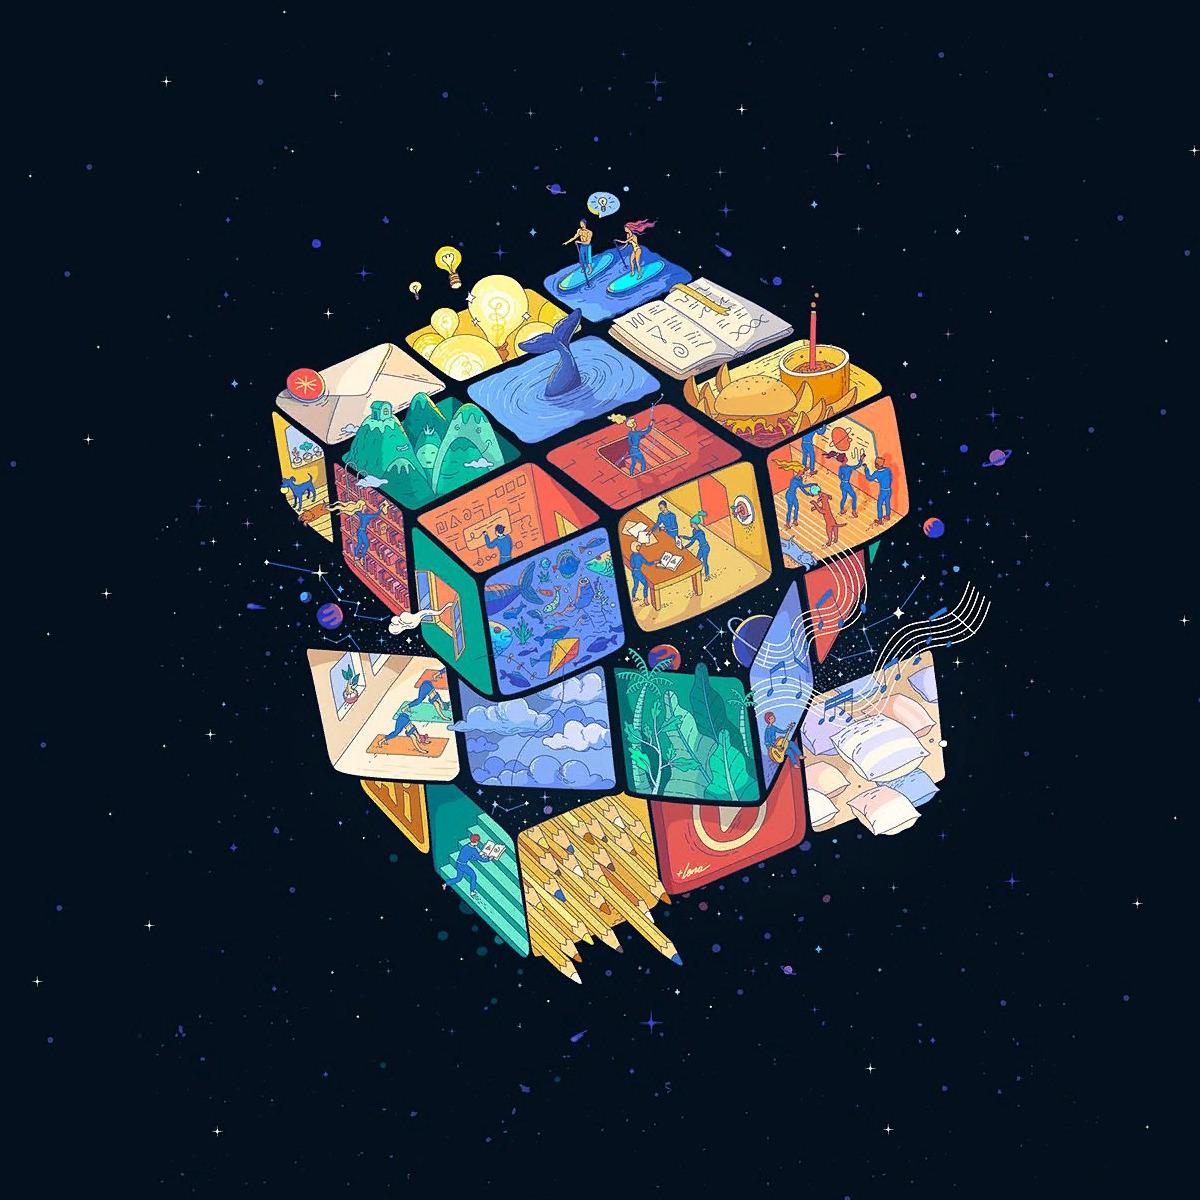 тоньше картинки на телефон кубик рубик скорой есть